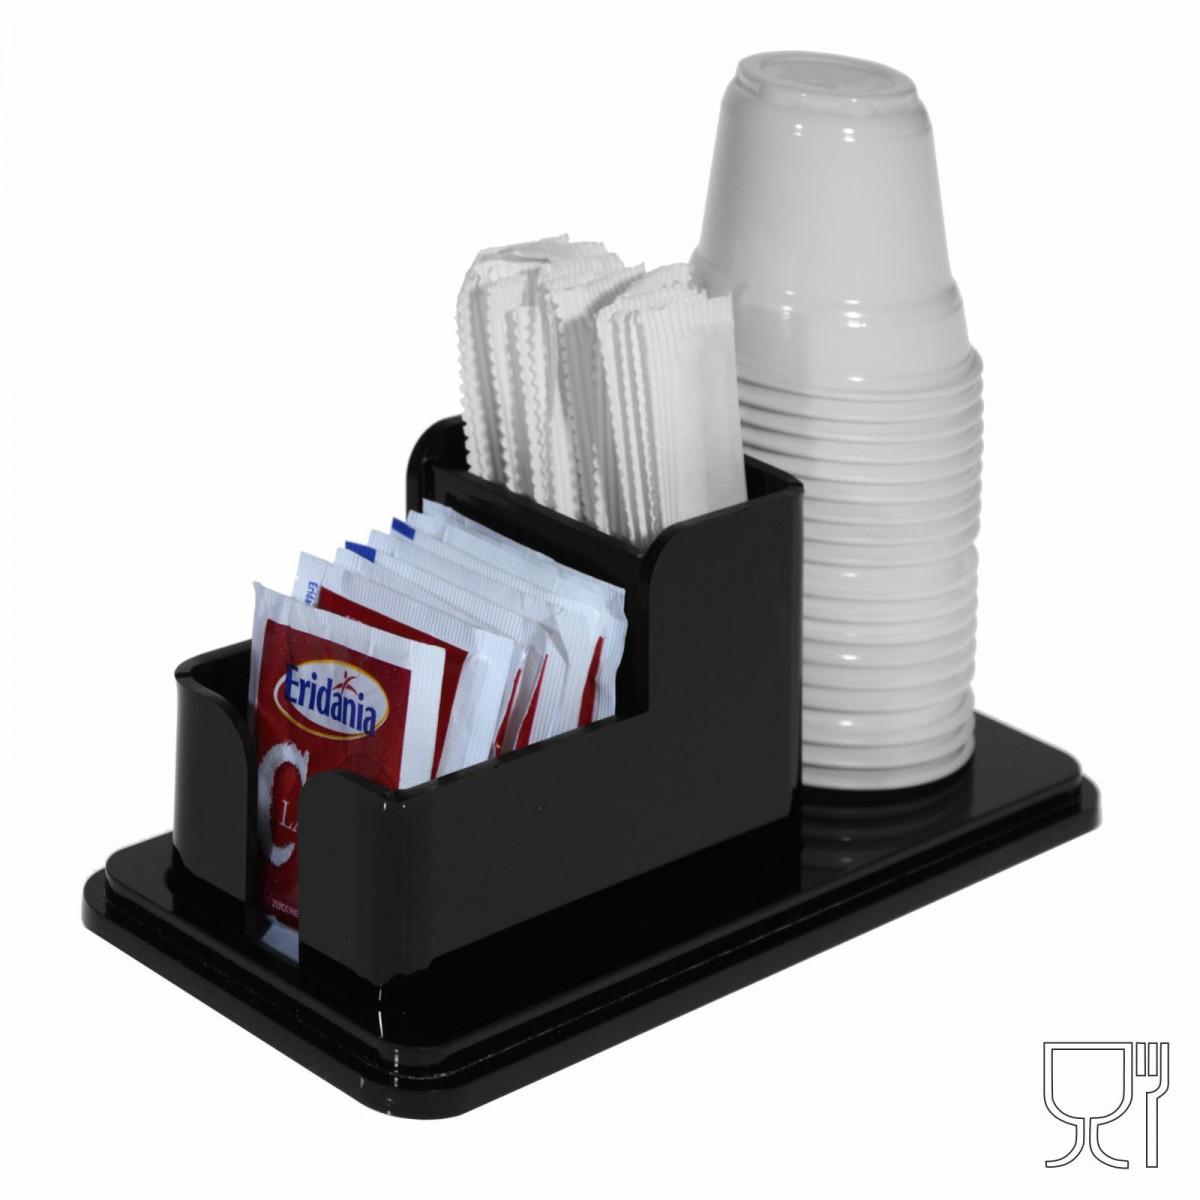 Halter für Zuckertüten, Stäbchen und Becher aus schwarzem Plexiglass mit drei Ebenen - CM(LxPxH): 18